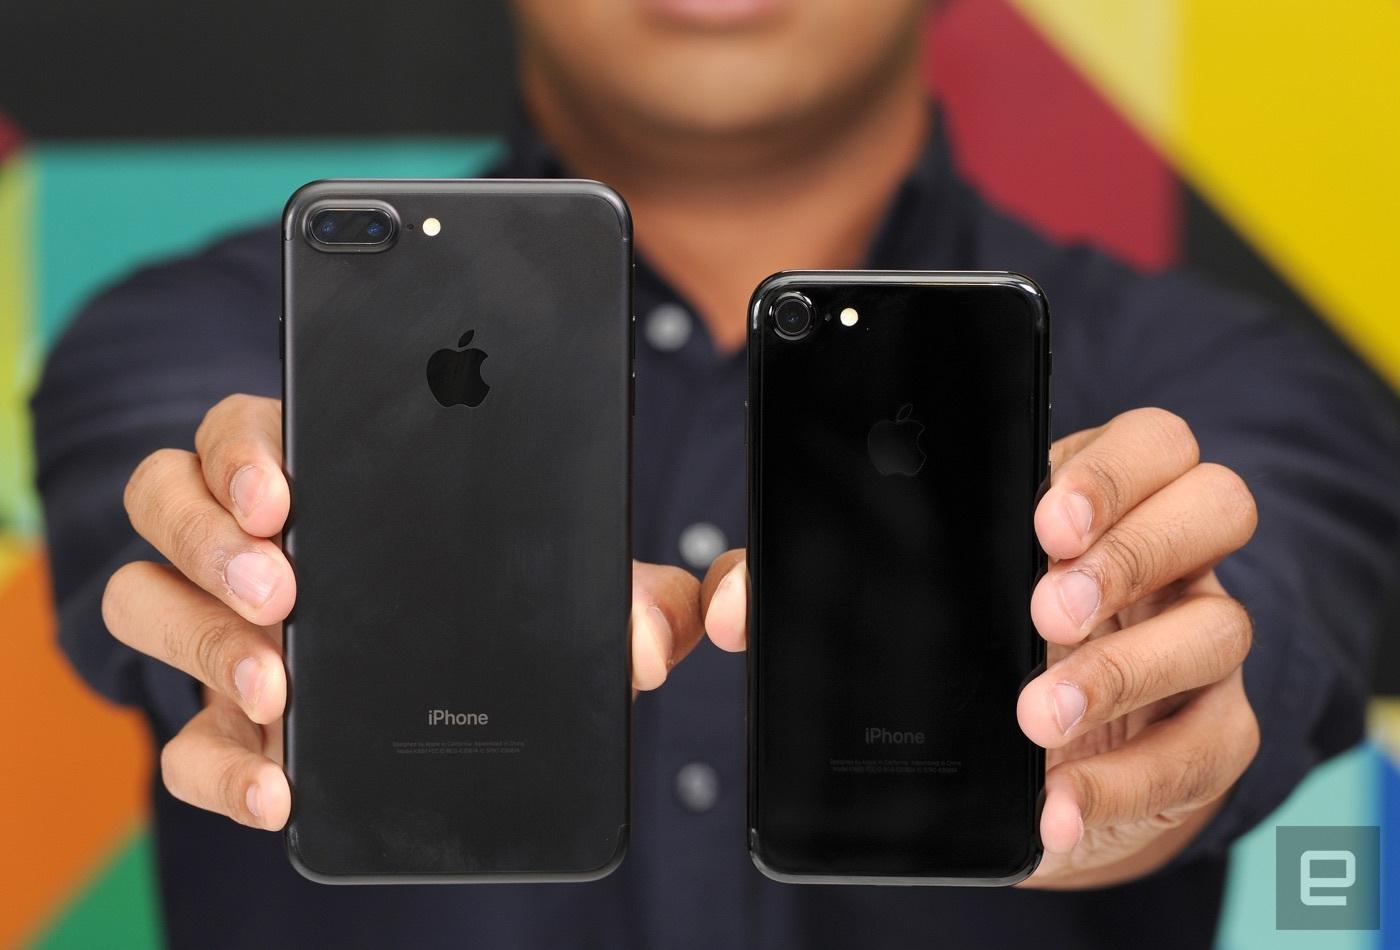 Los nuevos iPhone 7 camuflan un descenso en los beneficios de Apple